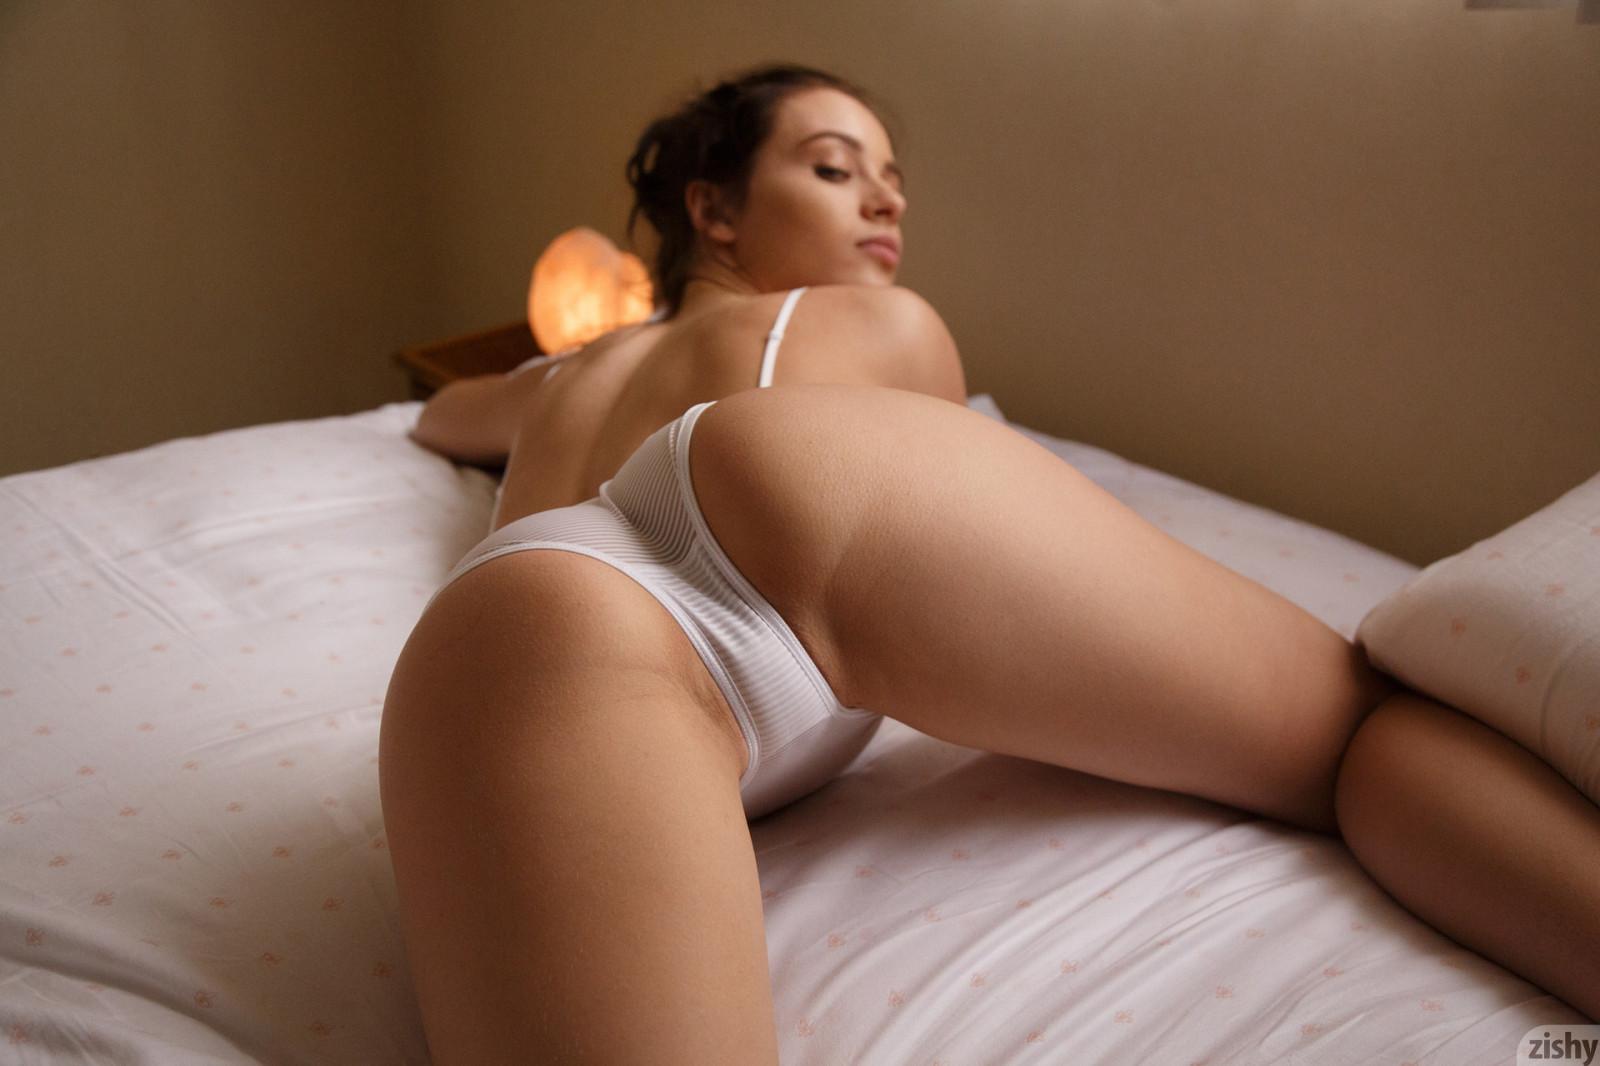 Lana rhoades white lingerie